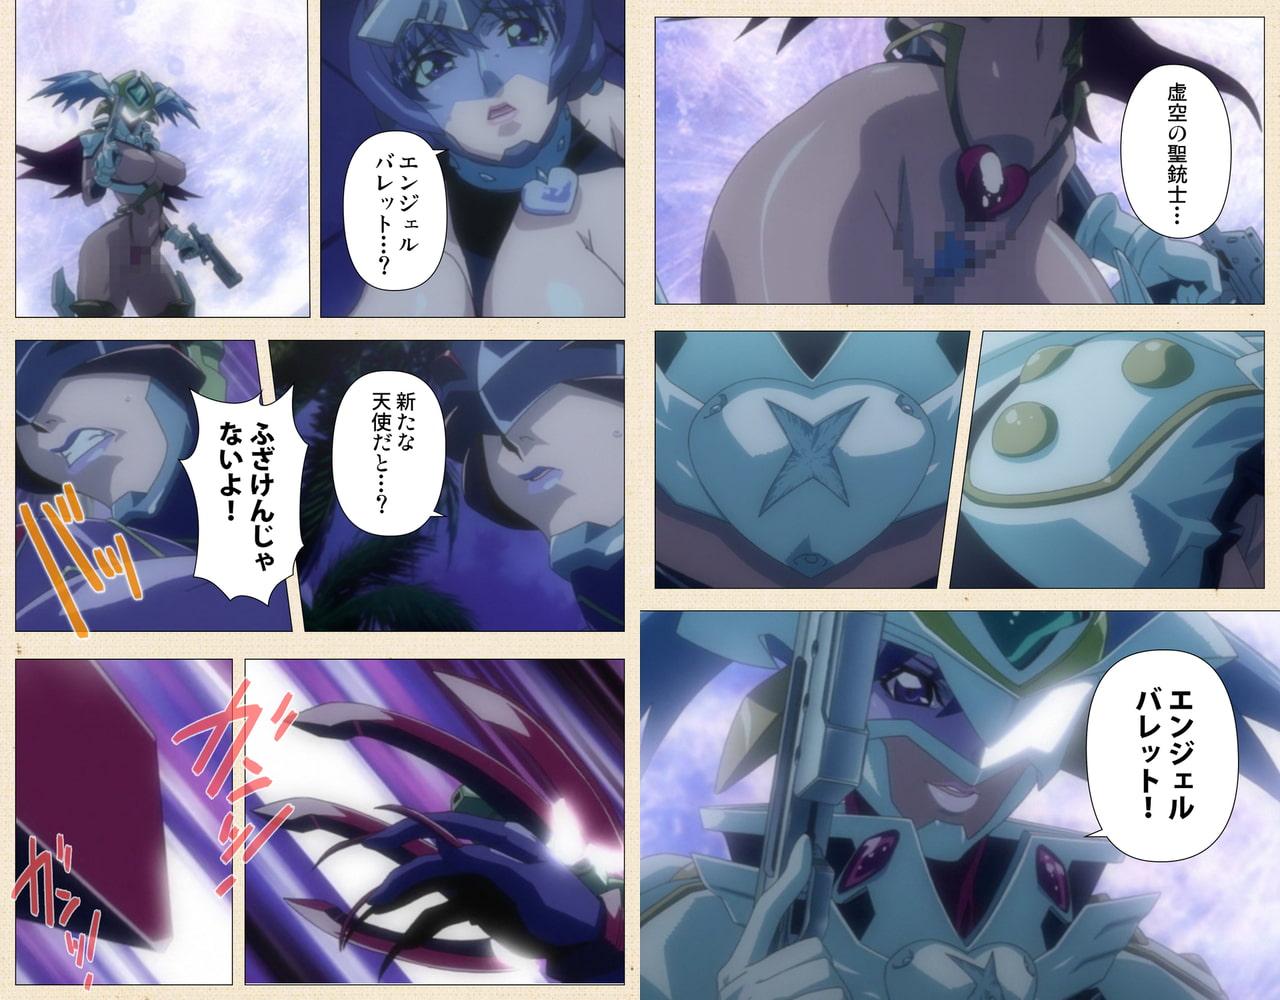 エンジェルブレイドパニッシュ! Vol.5【フルカラー成人版】